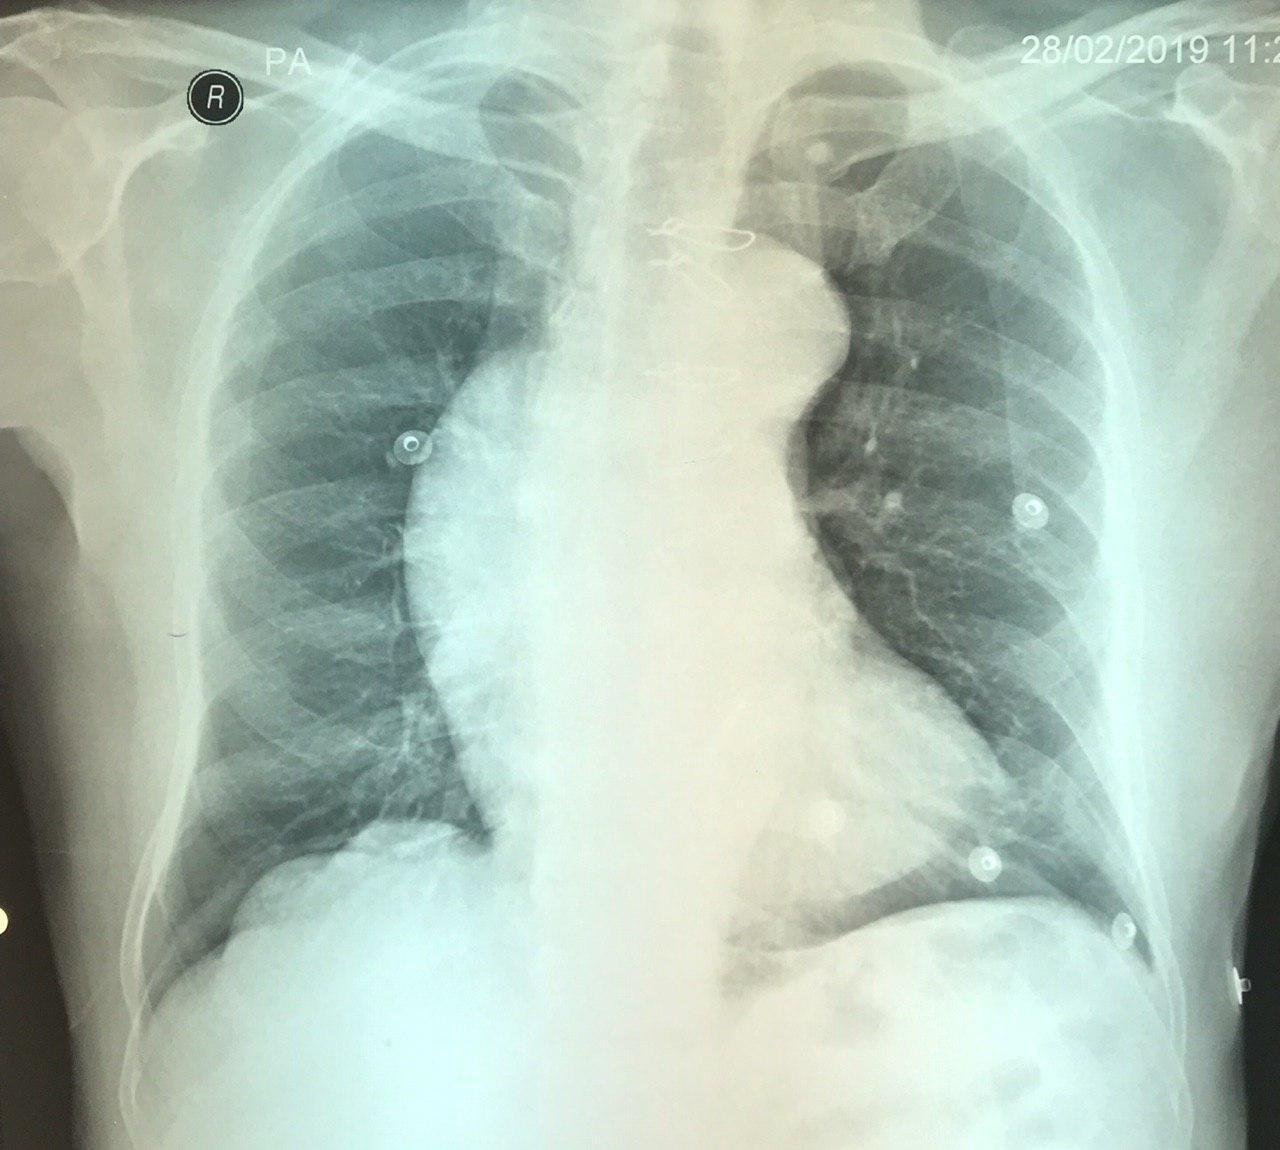 Reemplazo valvular aórtico hace 10 años por bicúspide aórtica con enfermedad valvular que presenta severa dilatación aneurismática y disección aórtica